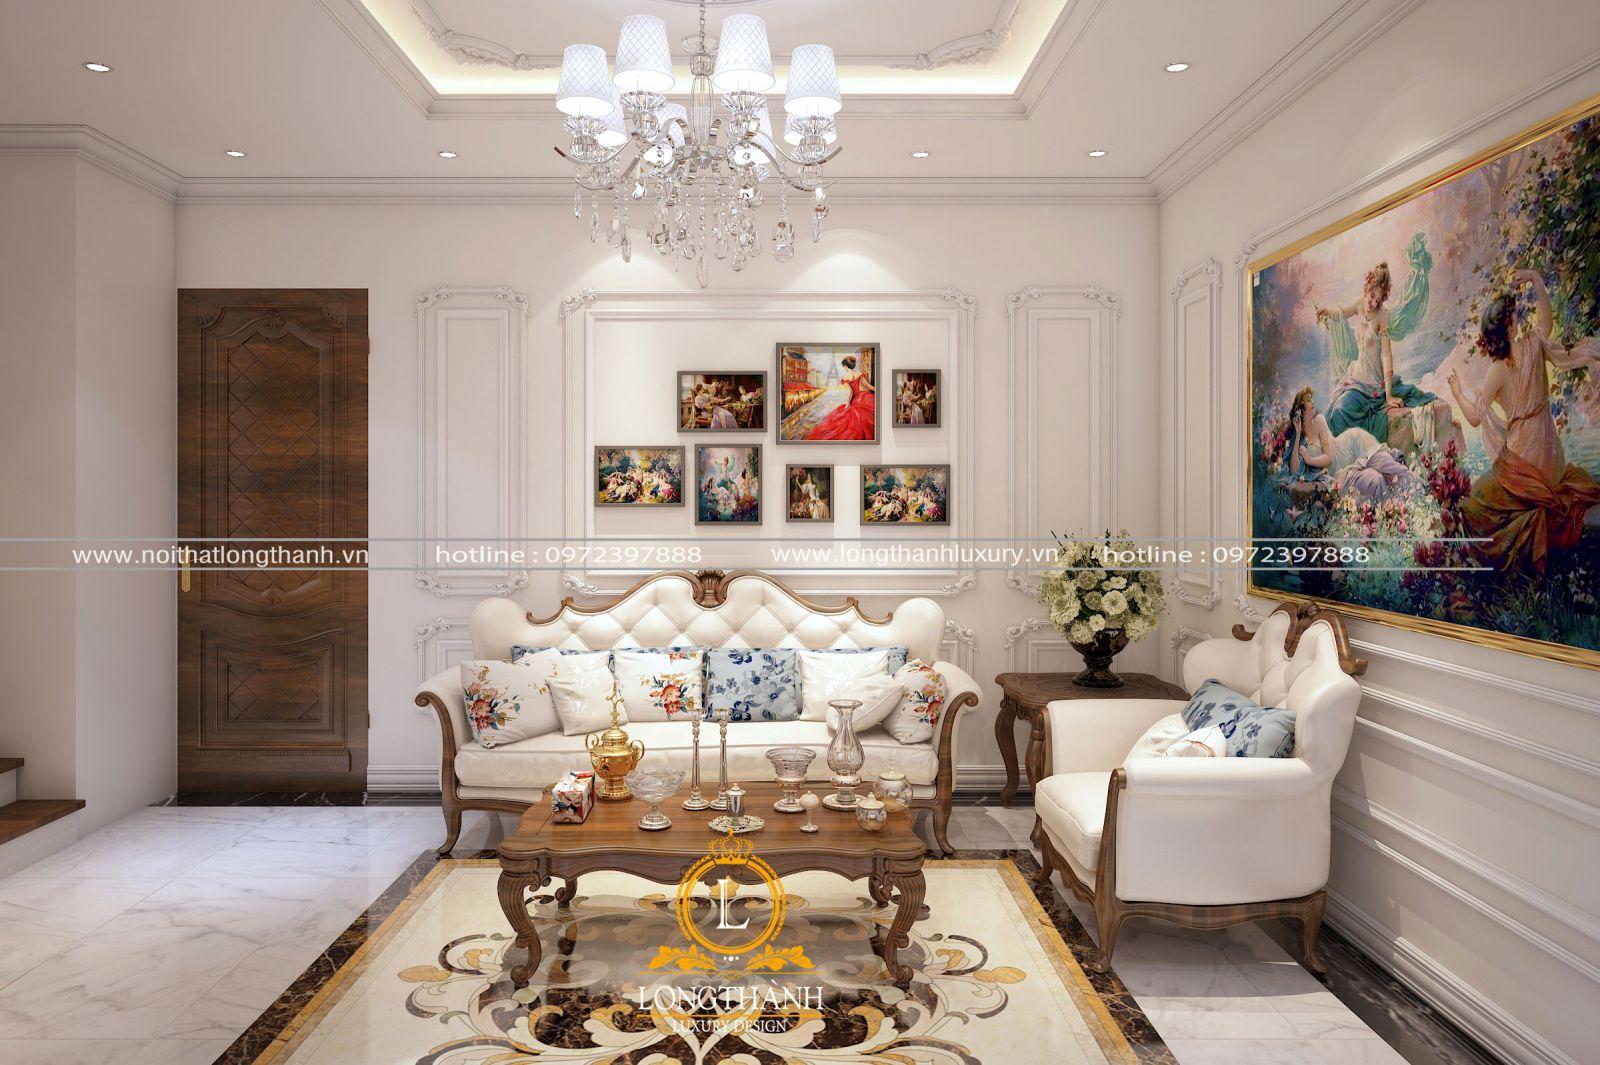 Phòng sinh hoạt chung với phong cách tân cổ điển nhẹ nhàng